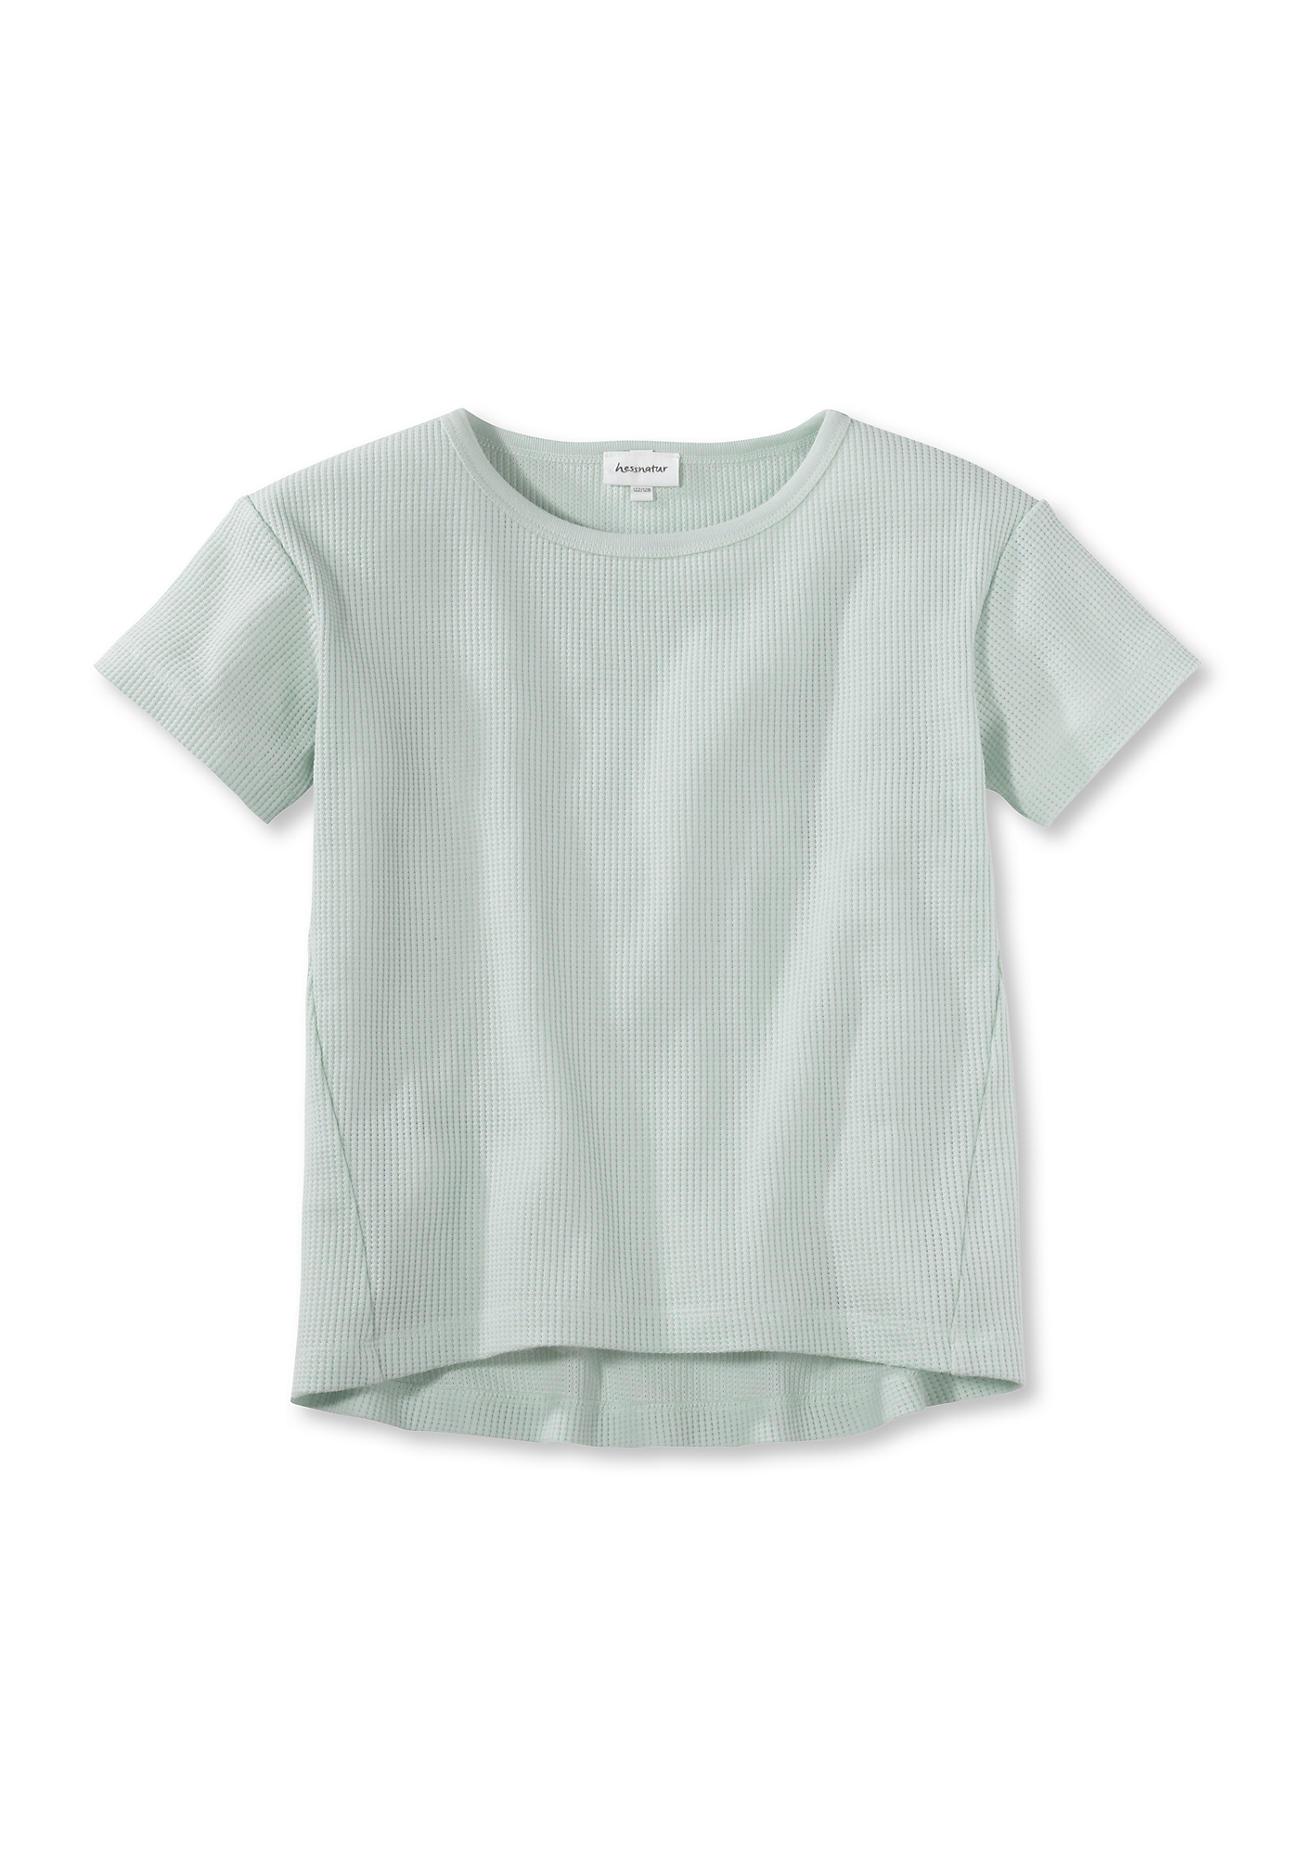 hessnatur Kinder Waffelpiqué-Shirt aus Bio-Baumwolle - grün Größe 110/116